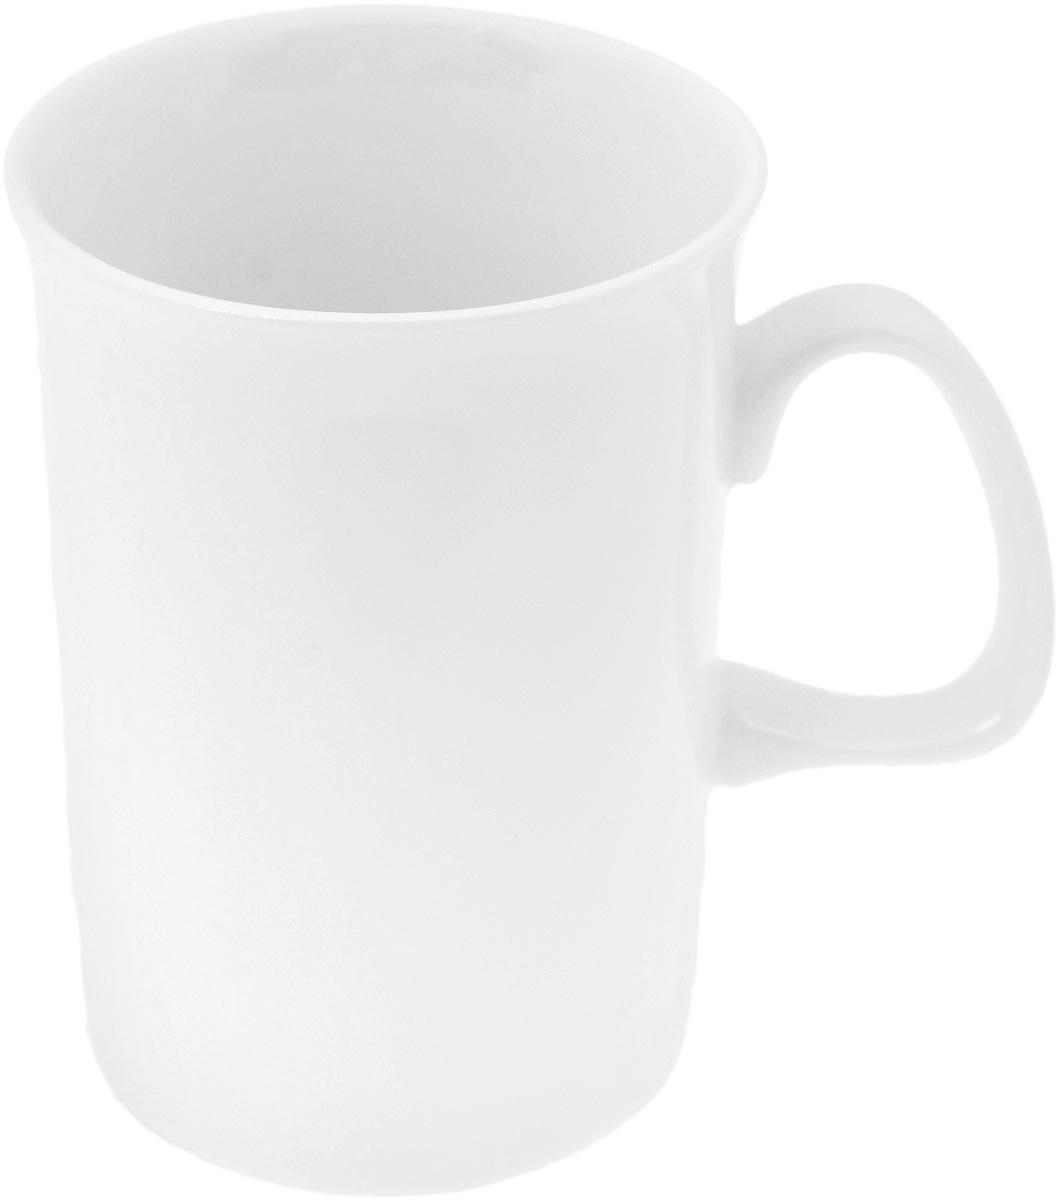 """Кружка """"Wilmax"""" изготовлена из высококачественного фарфора и сочетает в себе оригинальный дизайн и функциональность. Такая кружка идеально впишется в интерьер современной кухни, а также станет хорошим и практичным подарком на любой праздник. Диаметр кружки(по верхнему краю): 7,7 см."""